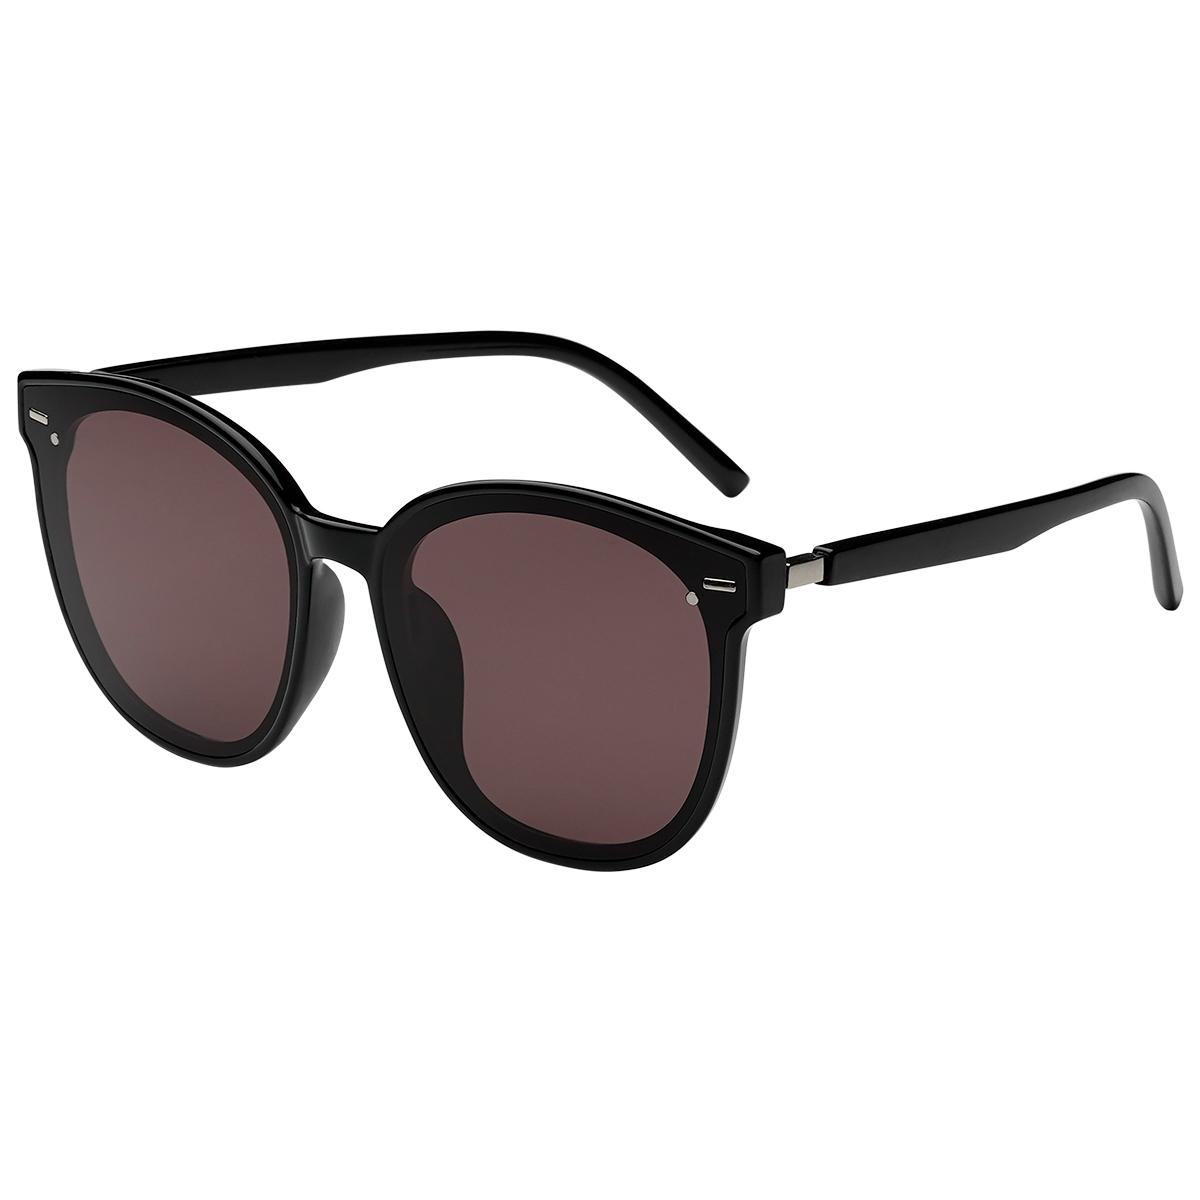 Sonnenbrille einfach